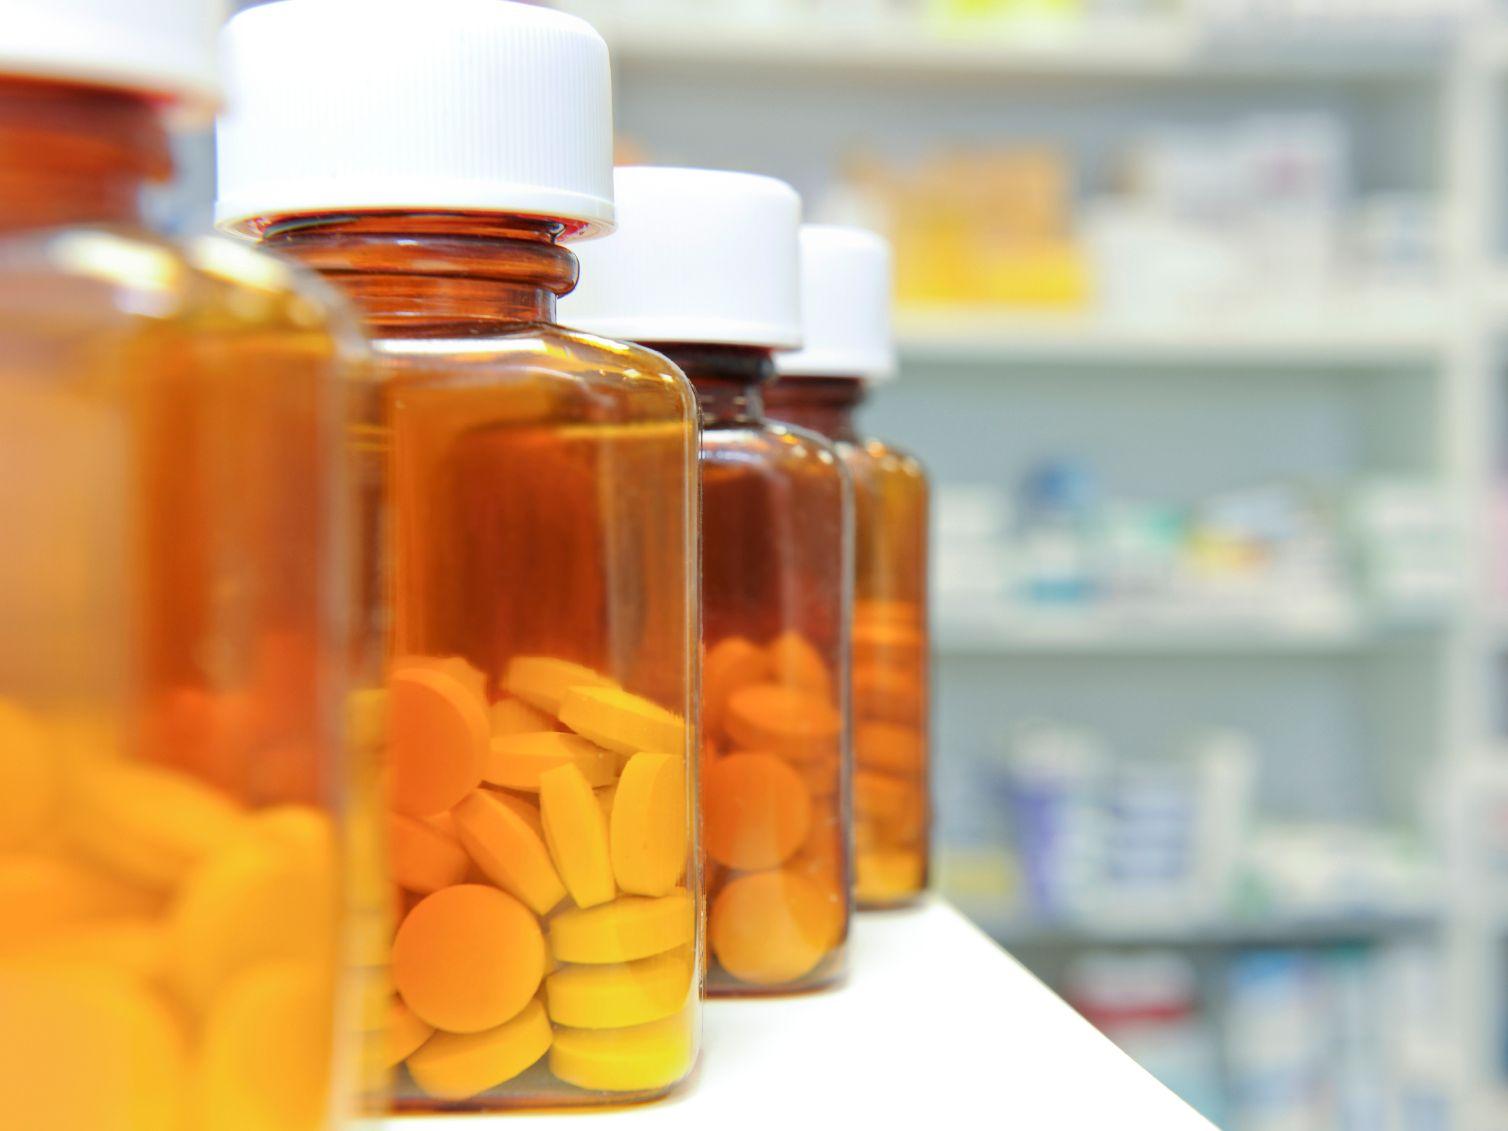 Pharmacist holding up medicine bottle